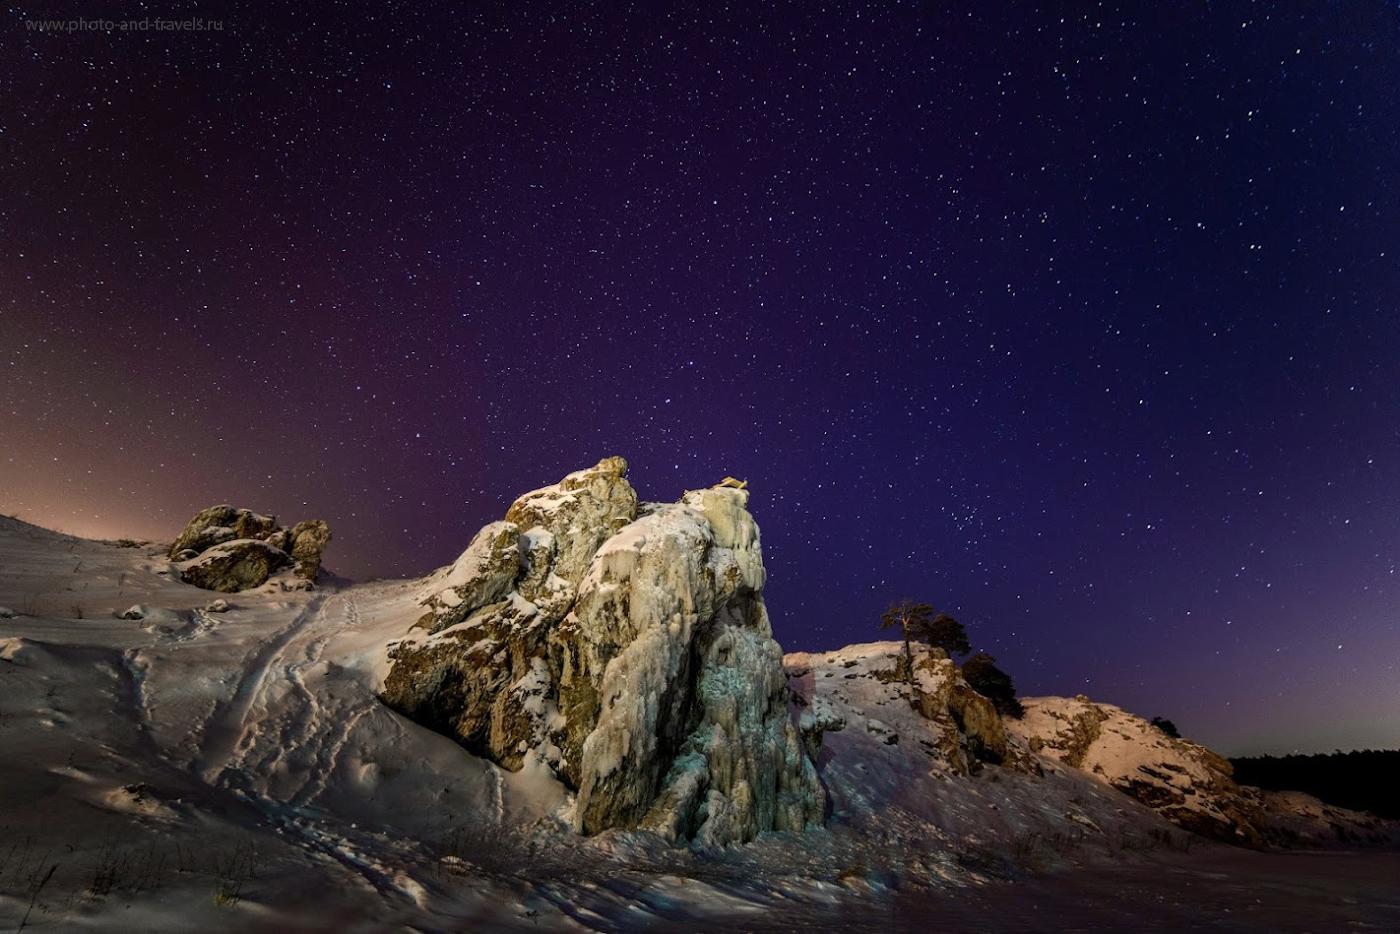 Снимок 21. Зачем нужен широкоугольный объектив с хороешей светосилой? Для съемки звезд.